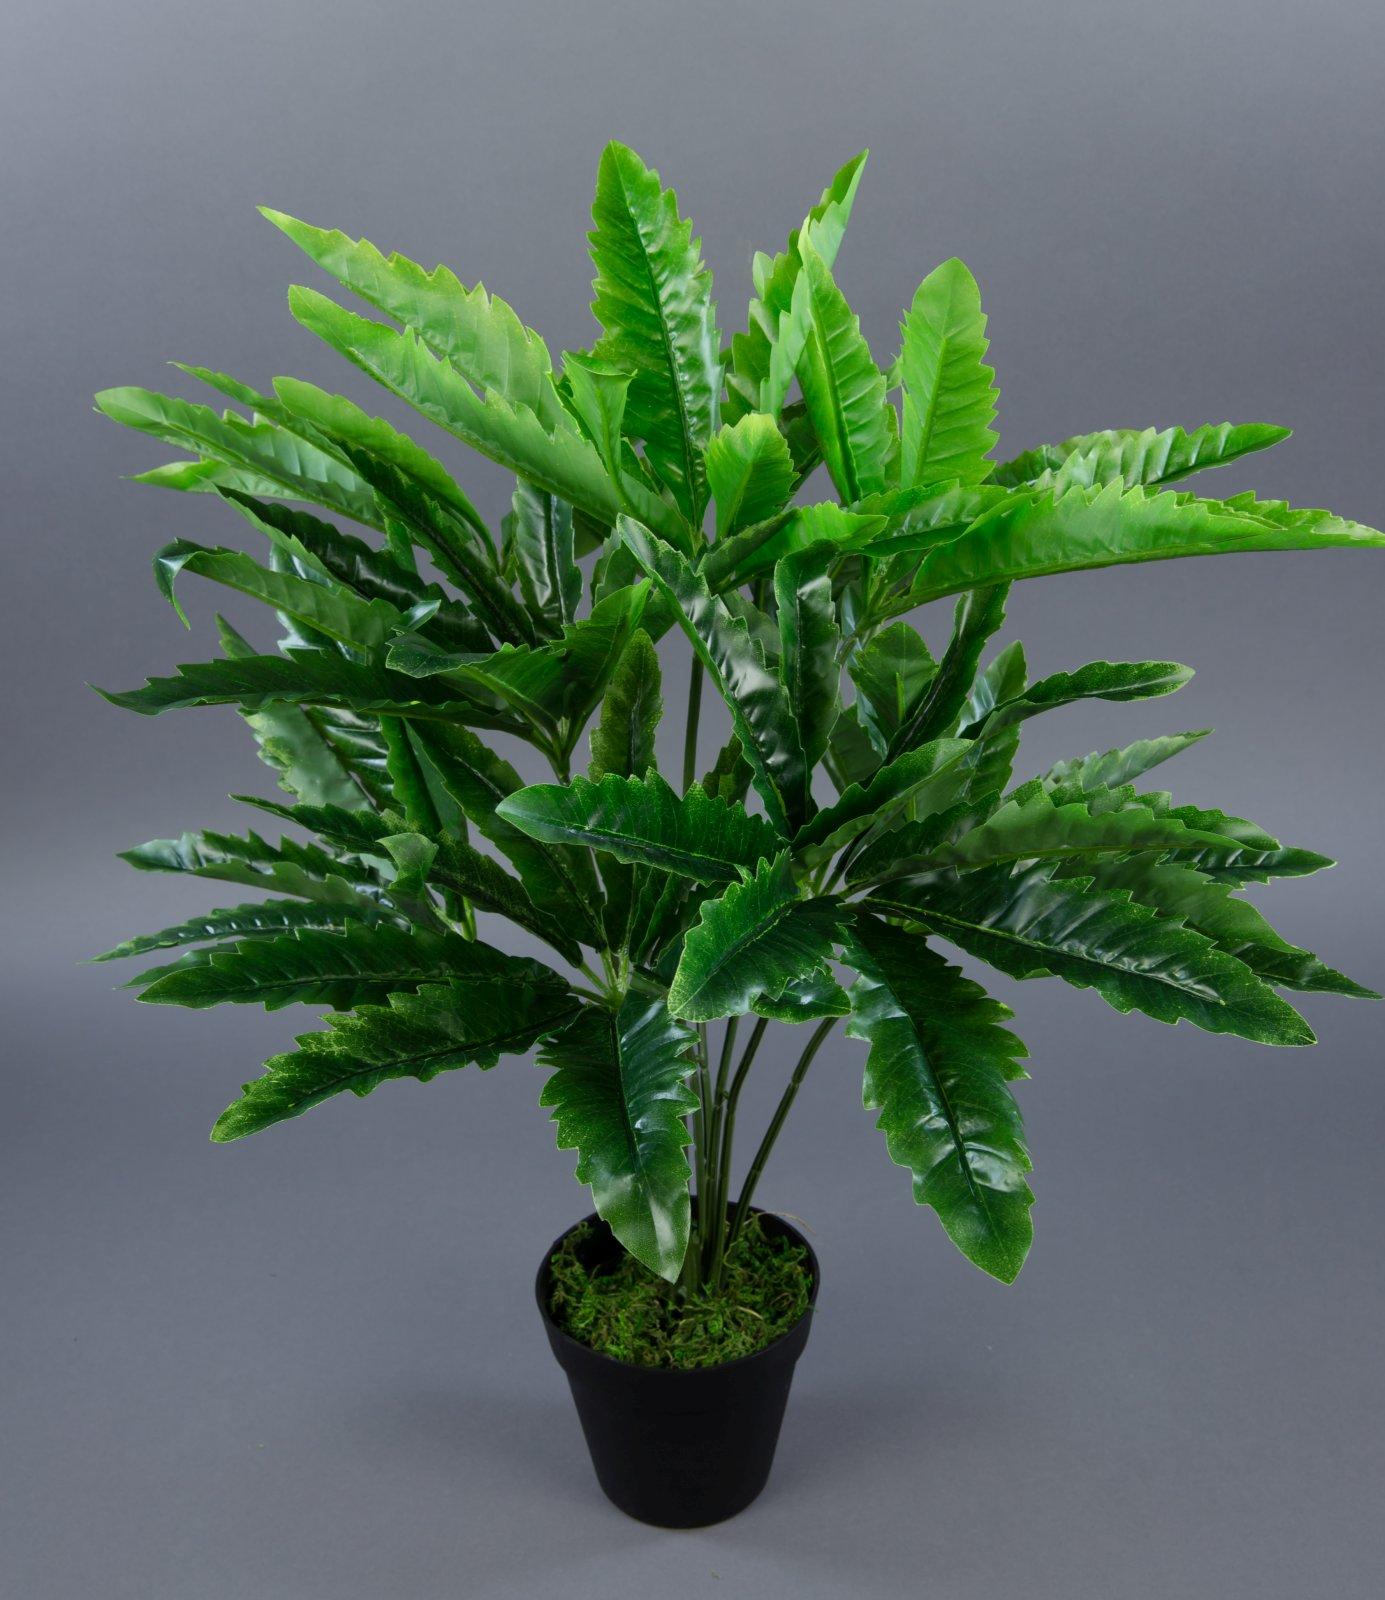 hanfpflanze cannabispflanze 60cm ga k nstlicher hanf cannabis kunstpflanzen ebay. Black Bedroom Furniture Sets. Home Design Ideas